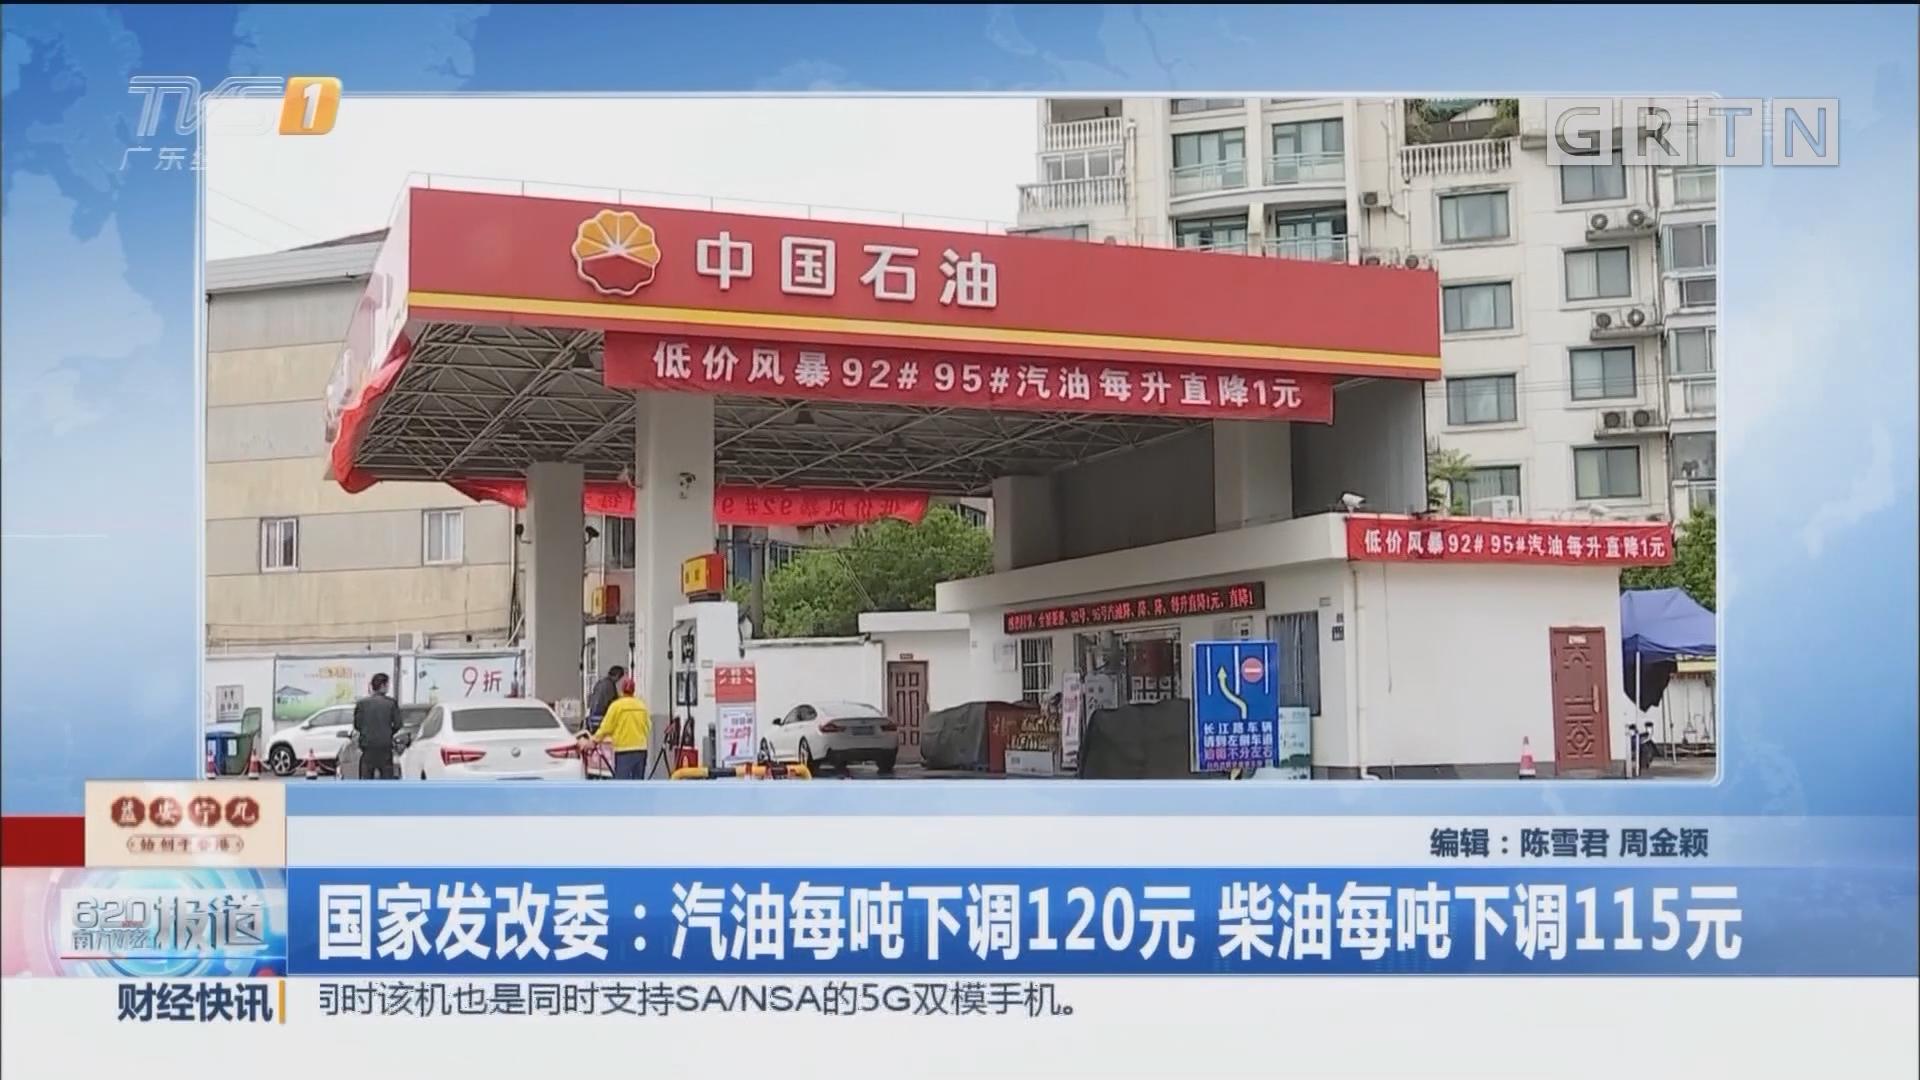 国家发改委:汽油每吨下调120元 柴油每吨下调115元